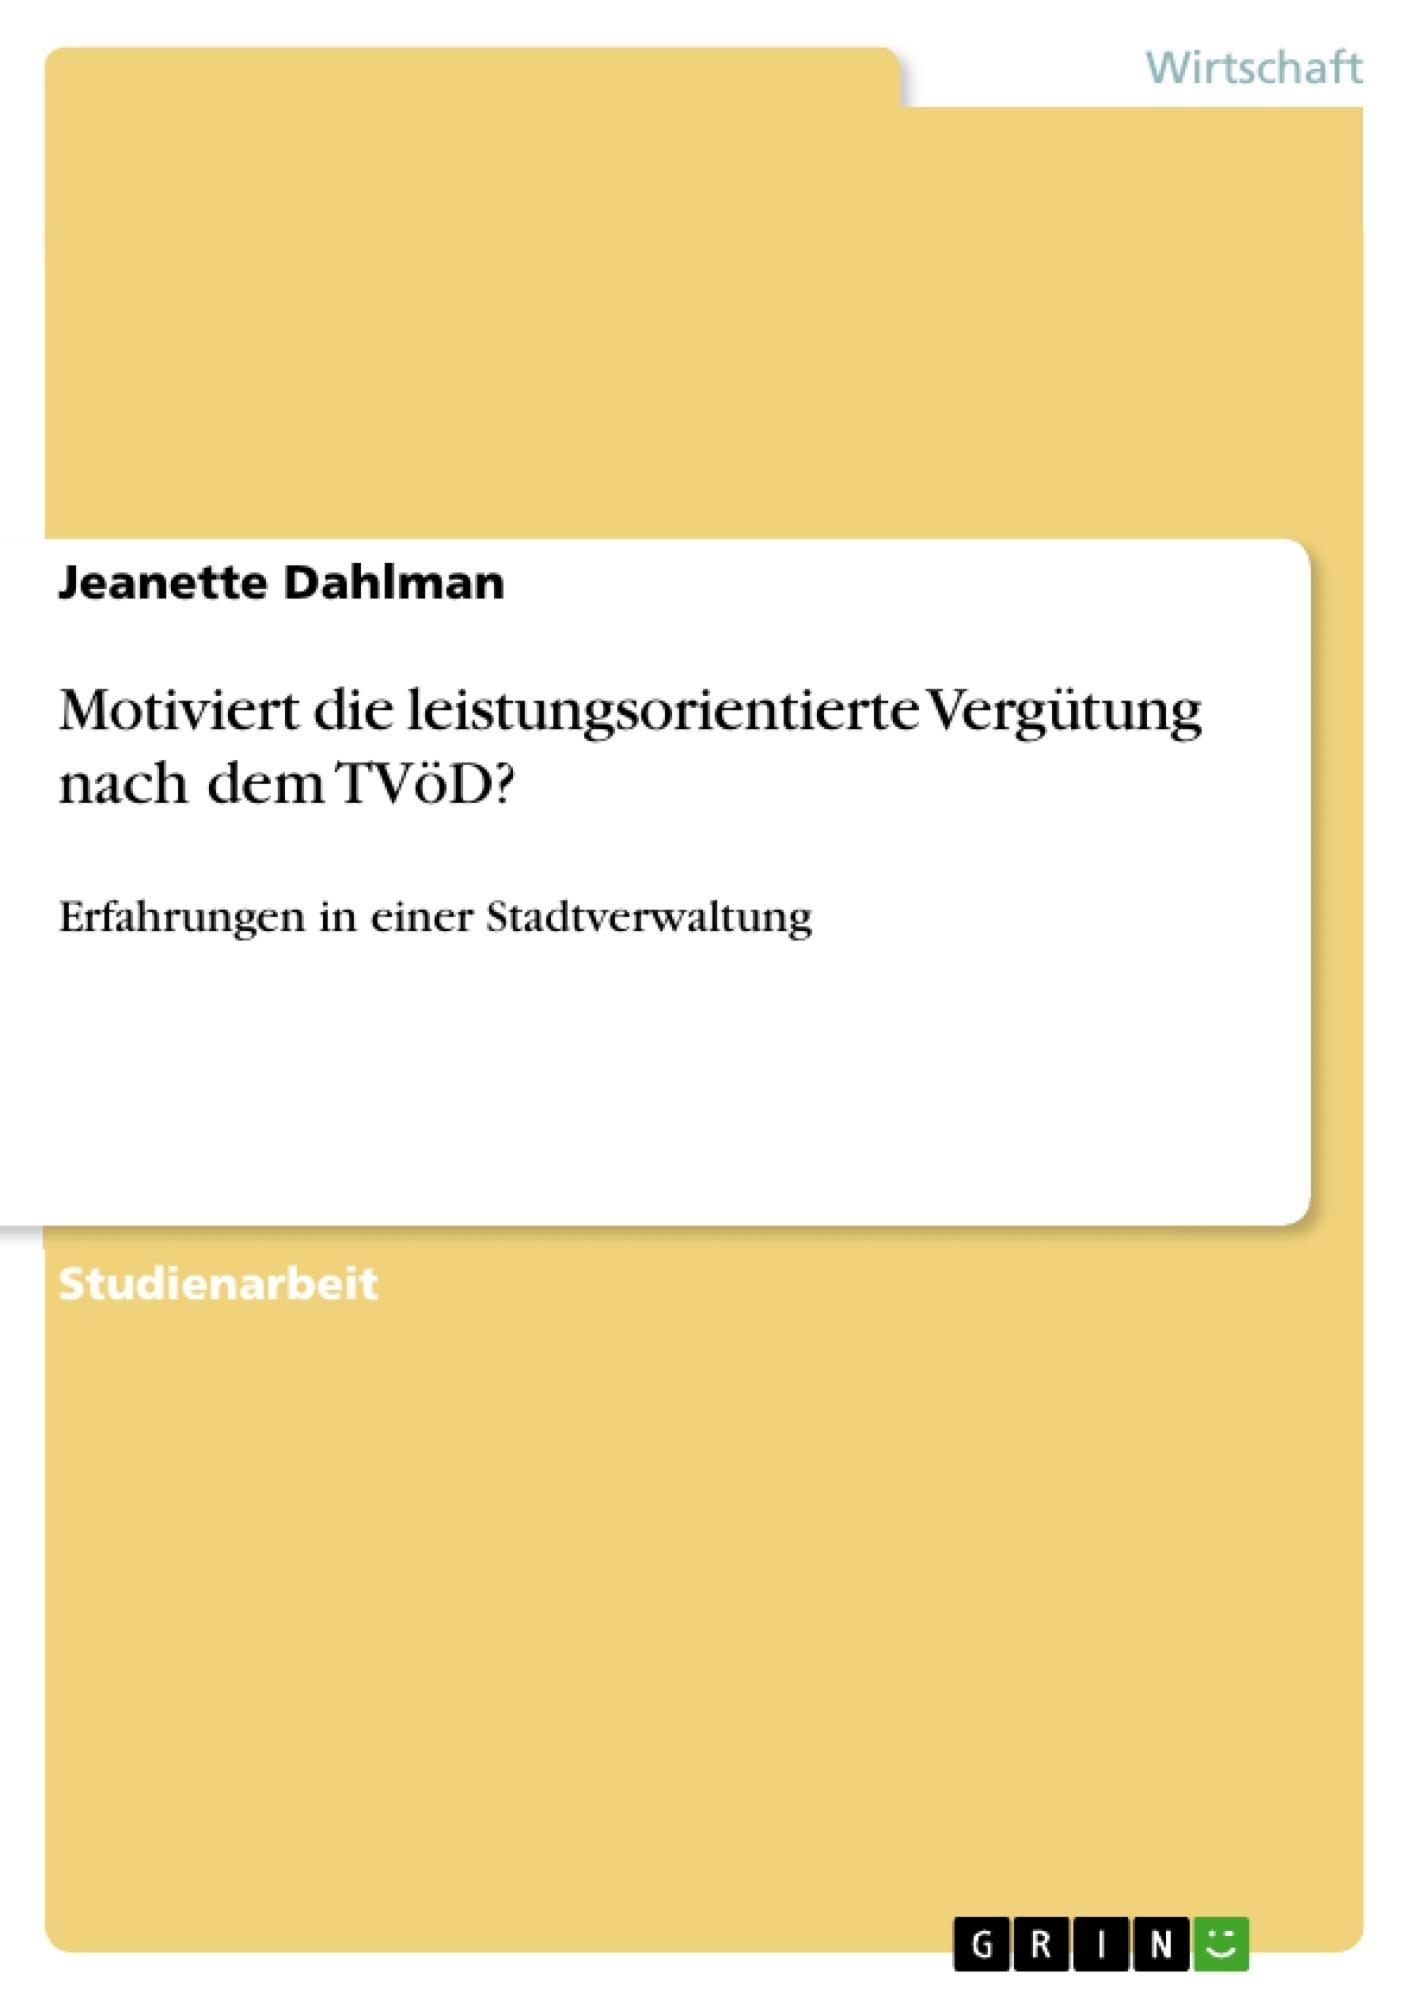 Titel: Motiviert die leistungsorientierte Vergütung nach dem TVöD?